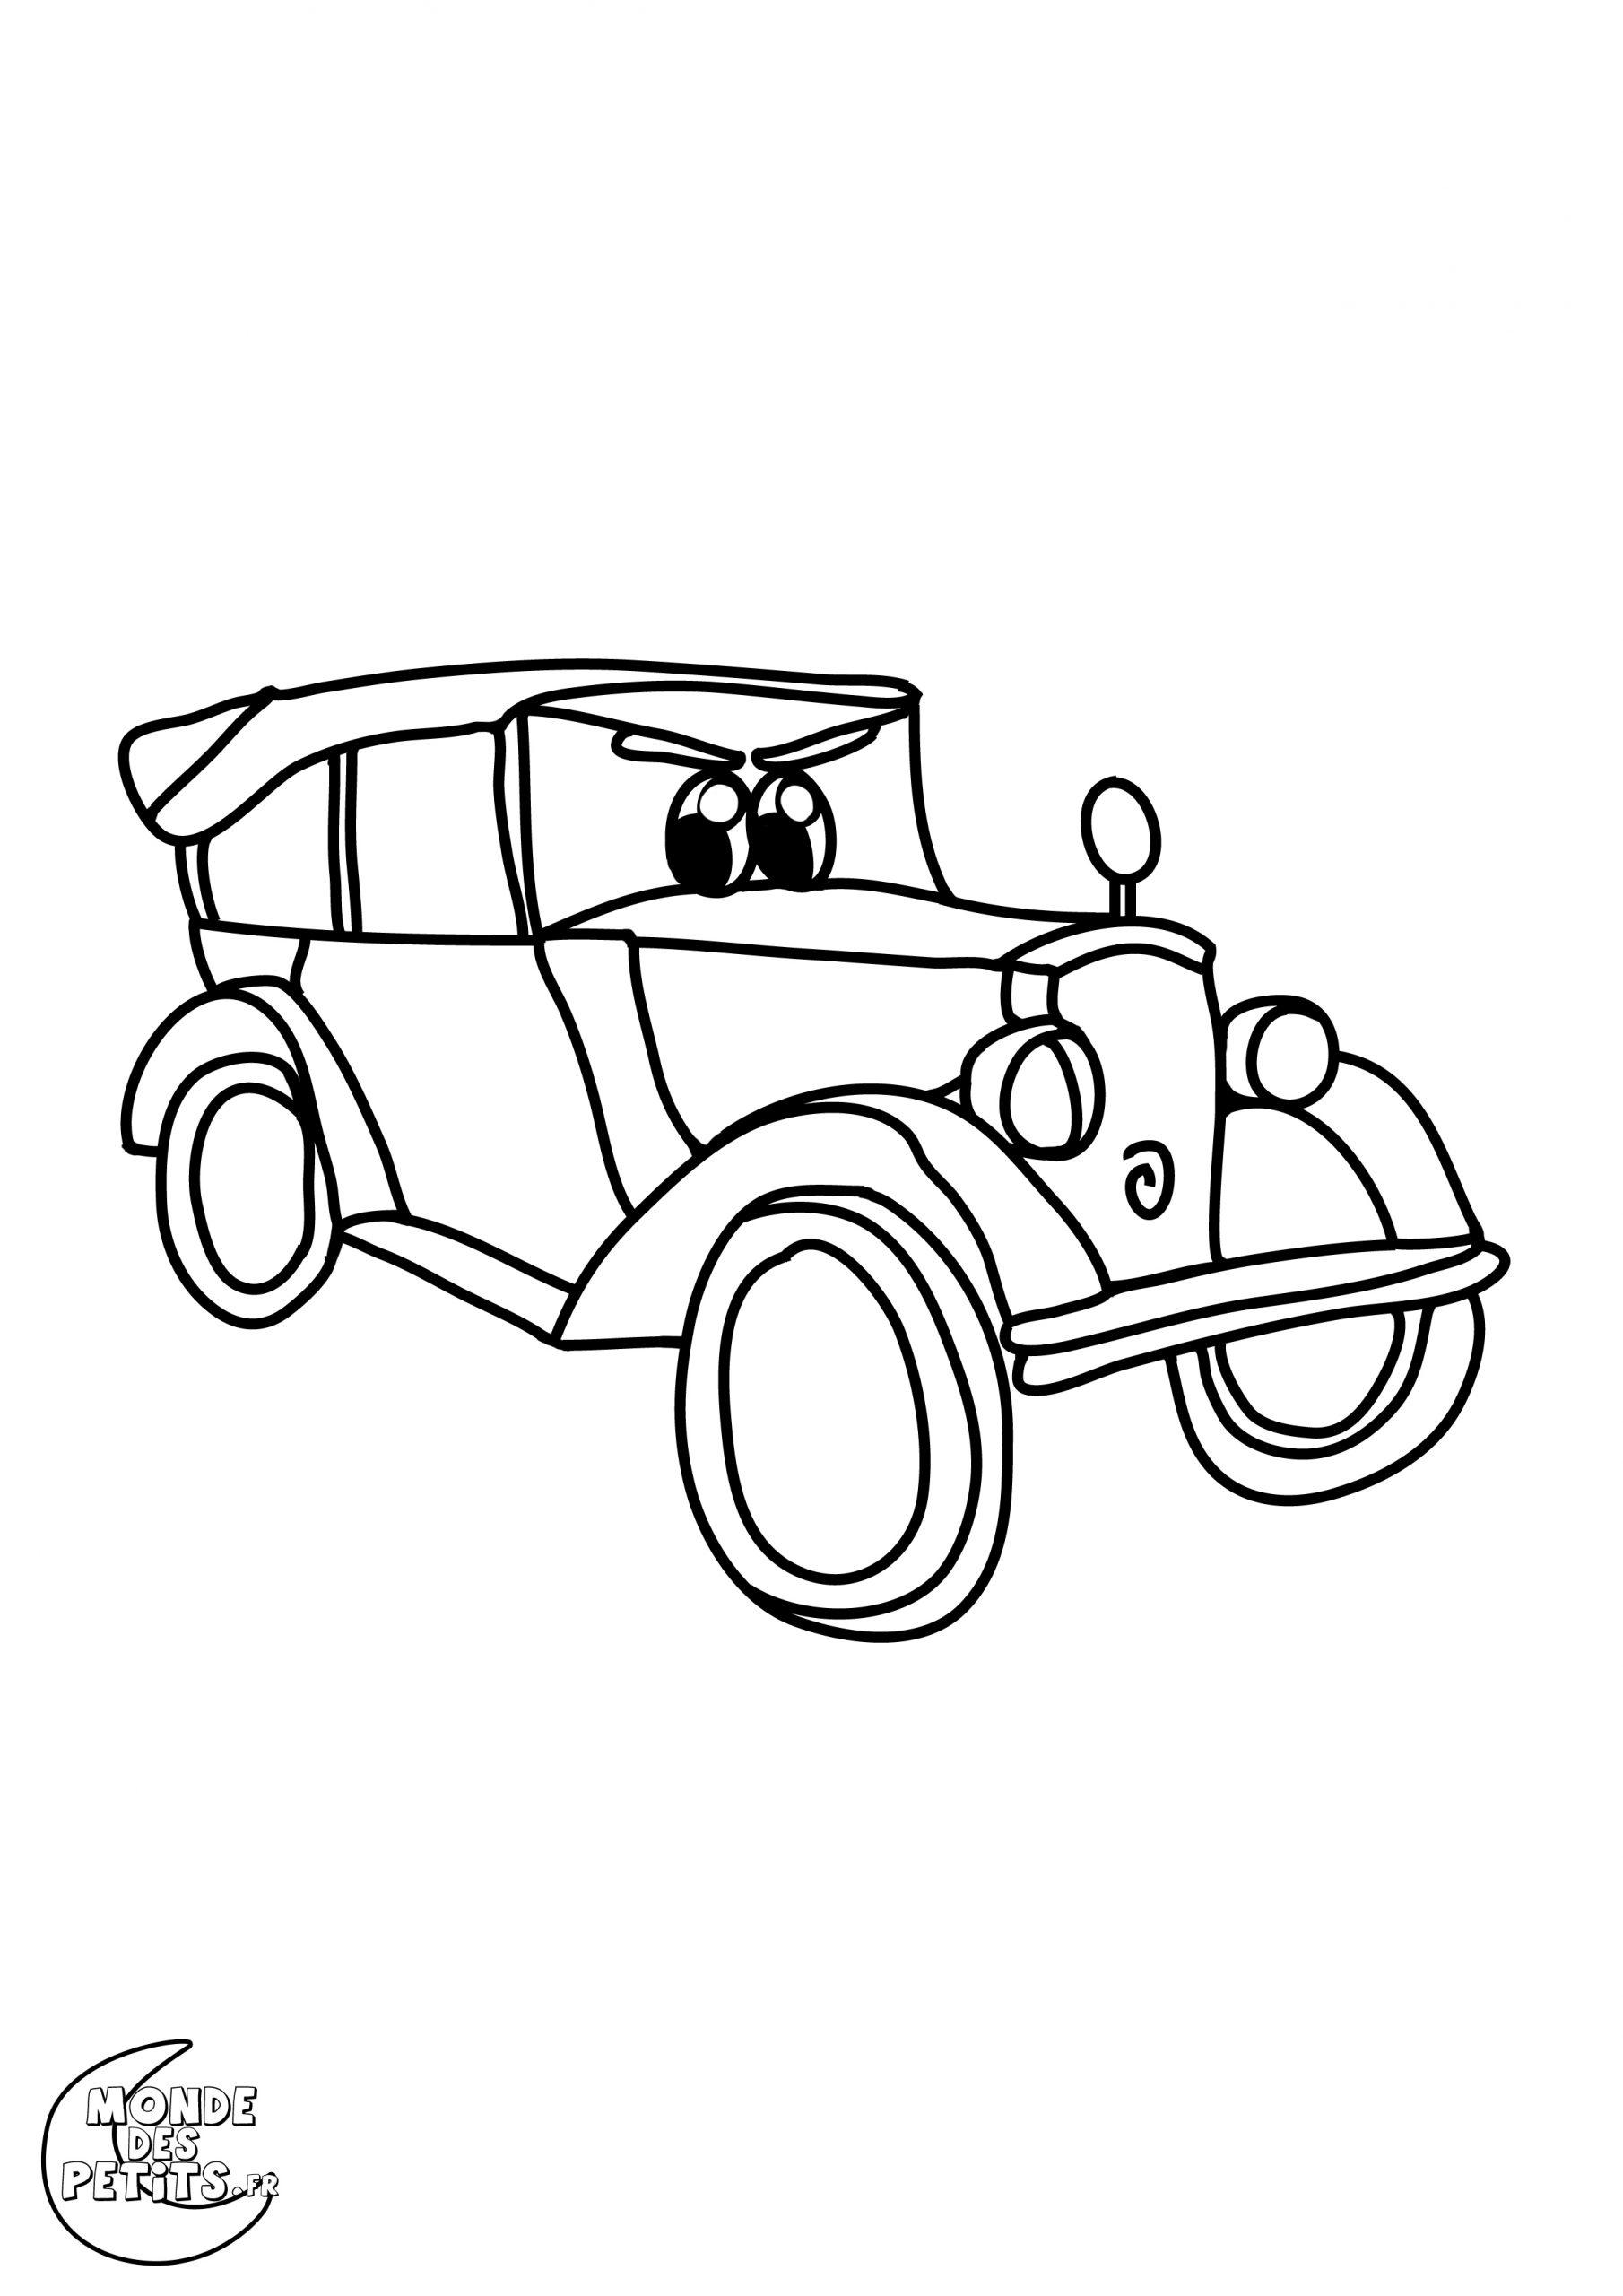 Coloriage Voiture De Course - Les Beaux Dessins De Transport serapportantà Coloriage Vehicule